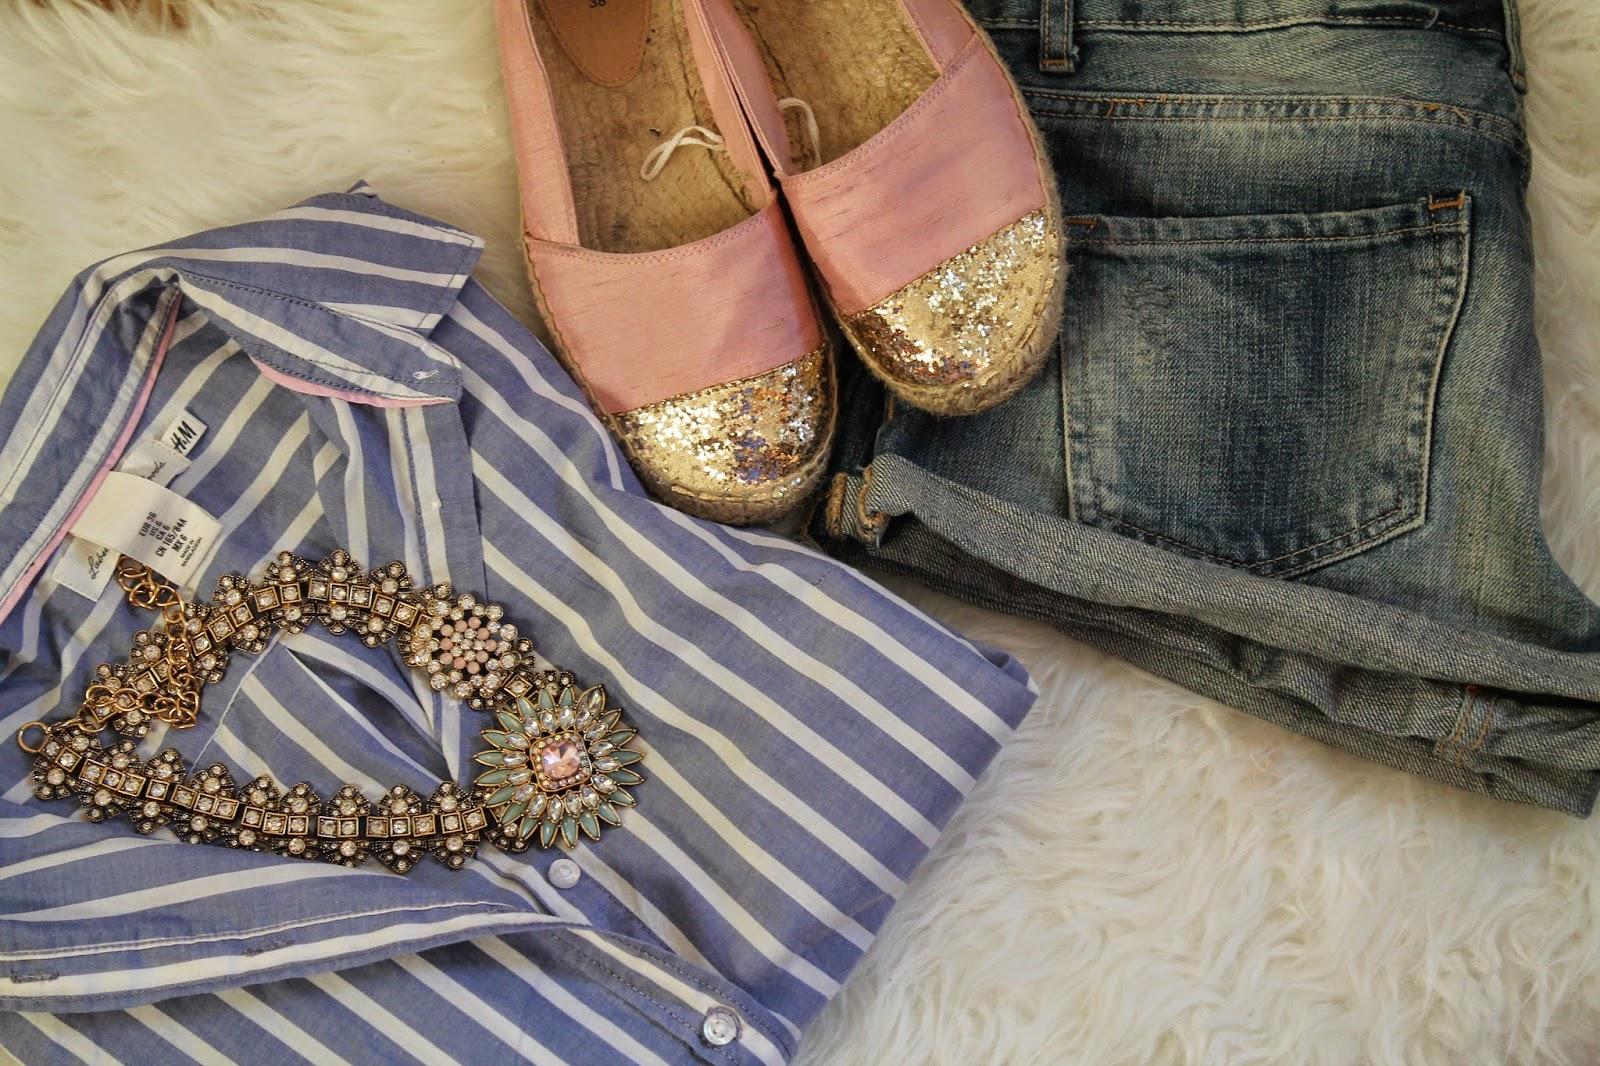 Fashionblogger Austria / Österreich / Deutsch / German / Kärnten / Carinthia / Klagenfurt / Köttmannsdorf / Spring Look / Classy / Edgy / Summer / Summer Style 2014 / Espadrillas / H&M / Blouse / Necklace / Stament / Persummall /